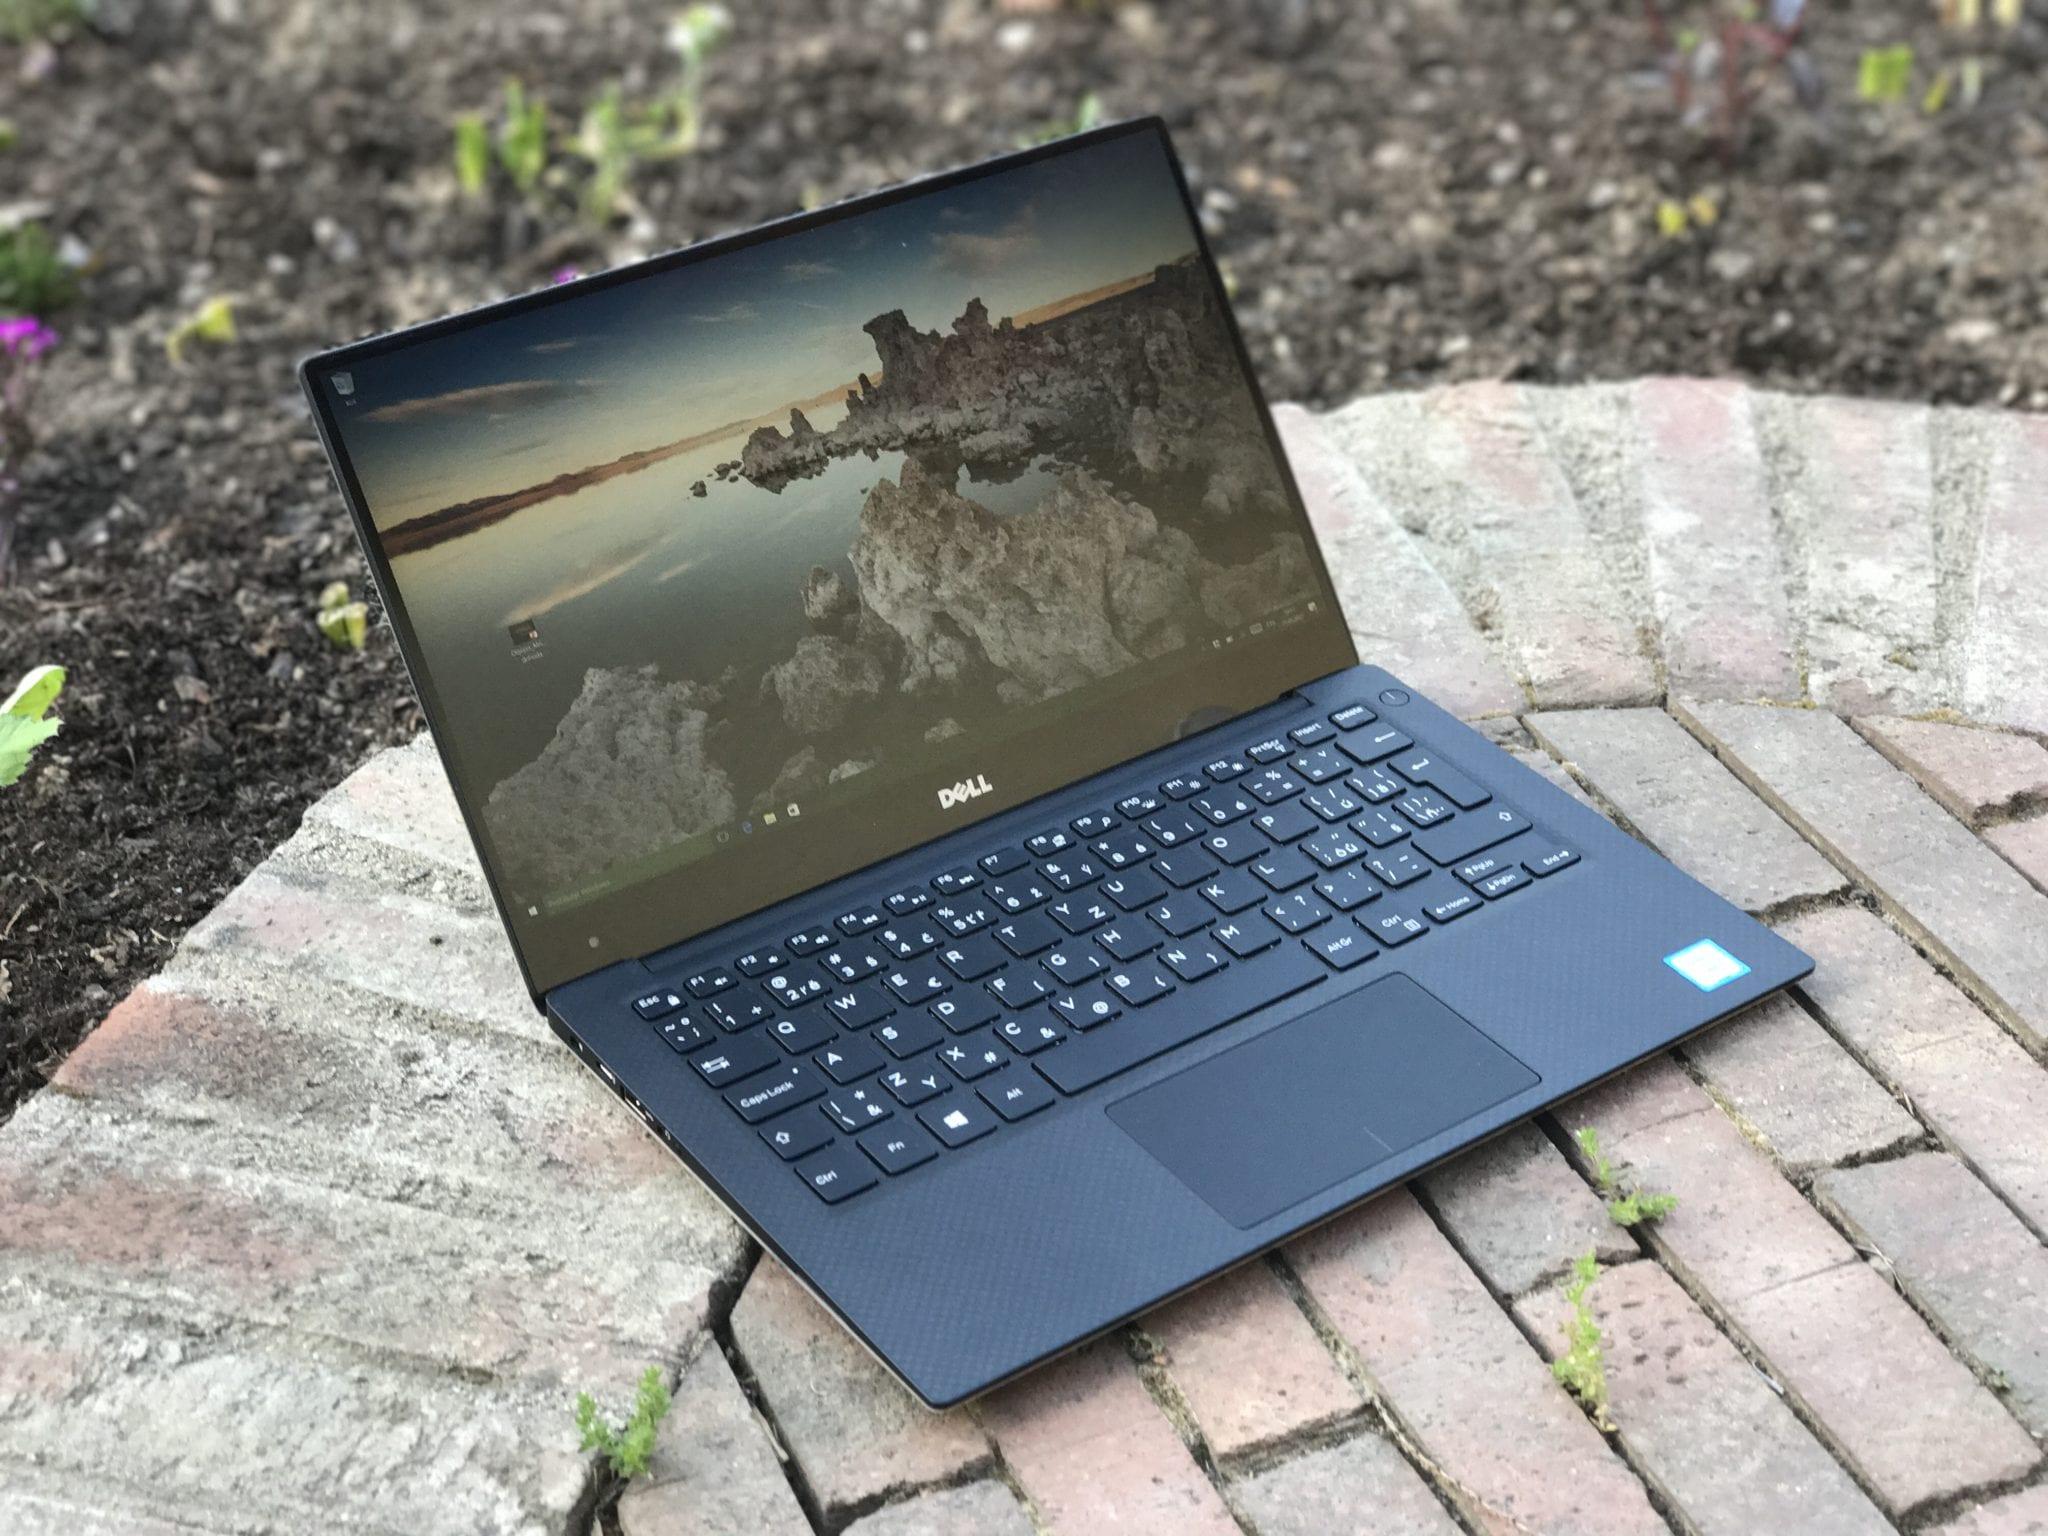 IMG 5250 - Recenze Dell XPS13 Touch: aneb když má MacBook Pro konkurenci